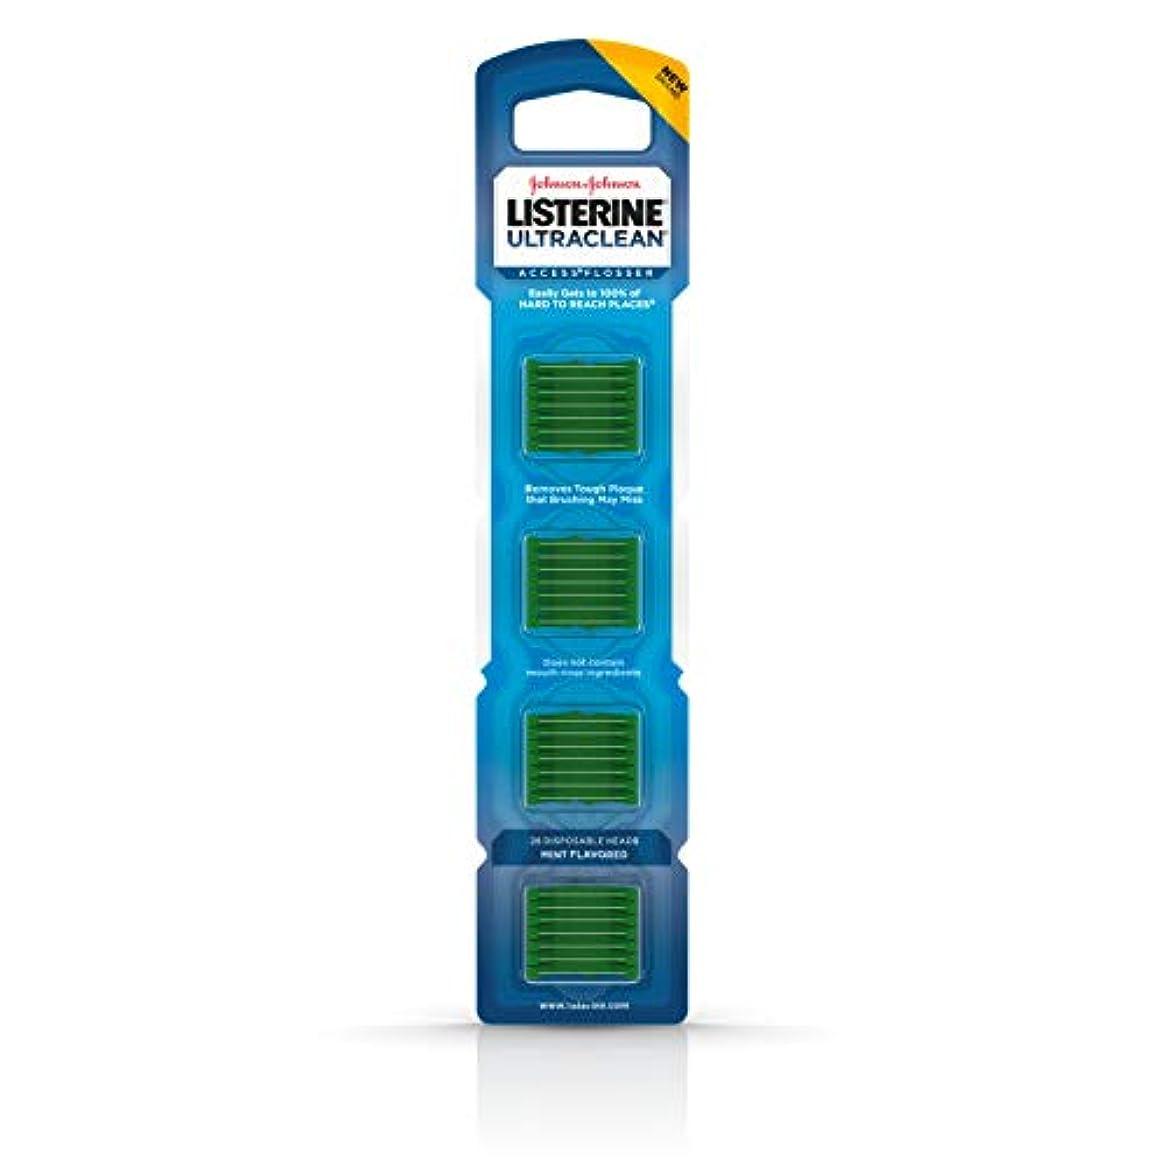 四分円スピーチ海Listerine Ultraclean Access Flosser Refill Heads, Mint, 28 Count [並行輸入品]